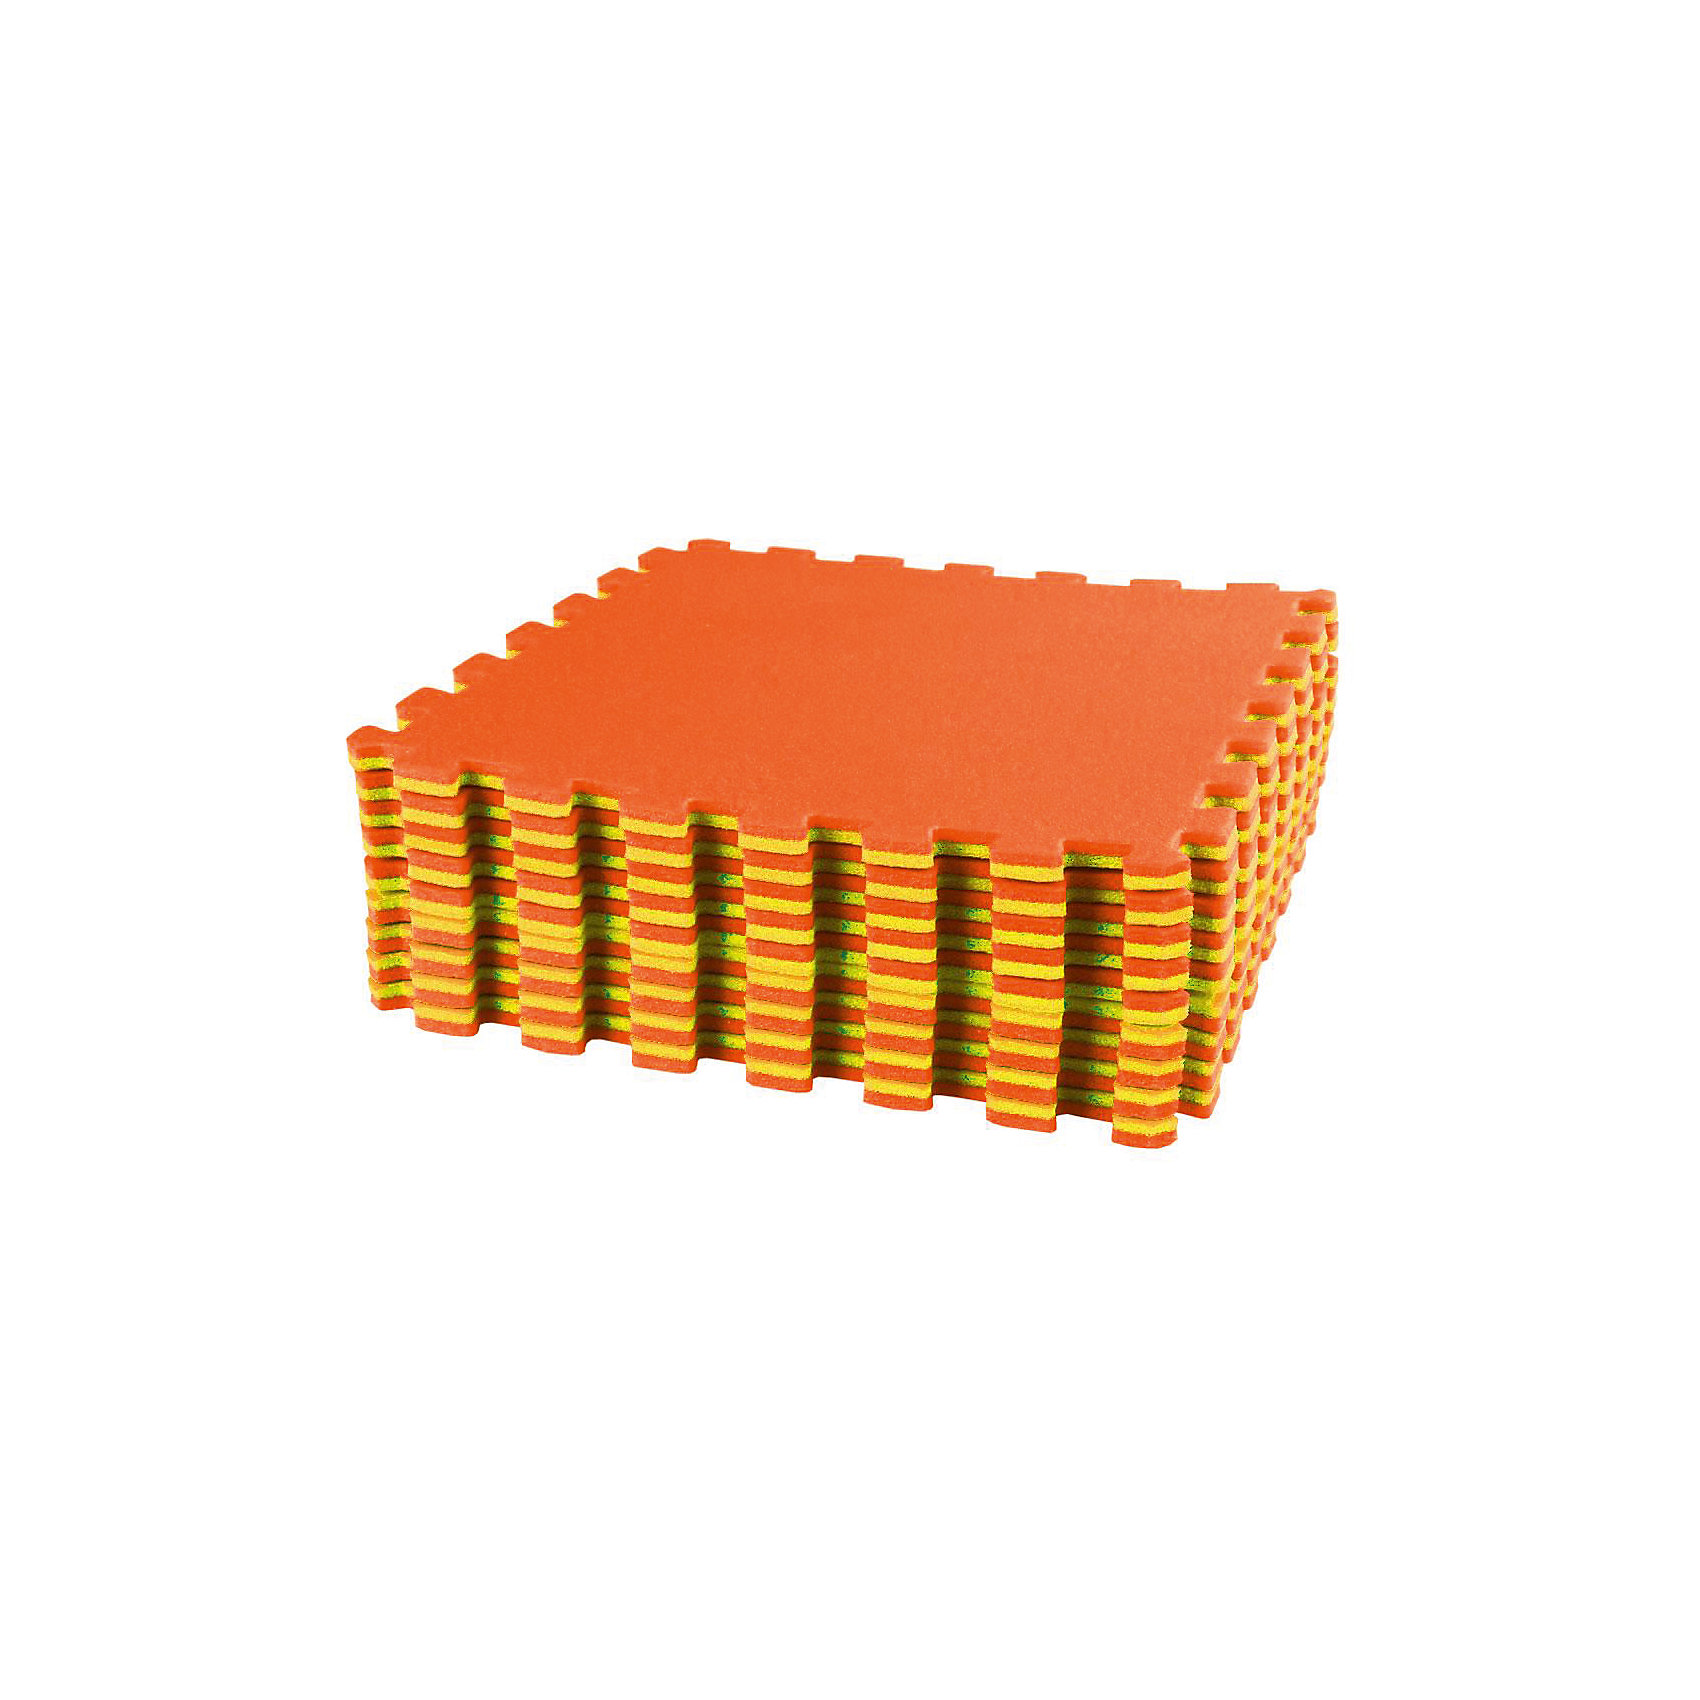 Alternativa Коврик спортивный (1270х1270), Alternativa, оранжевый-желтый alternativa ящик для инструментов 425х224х200 alternativa синий желтый